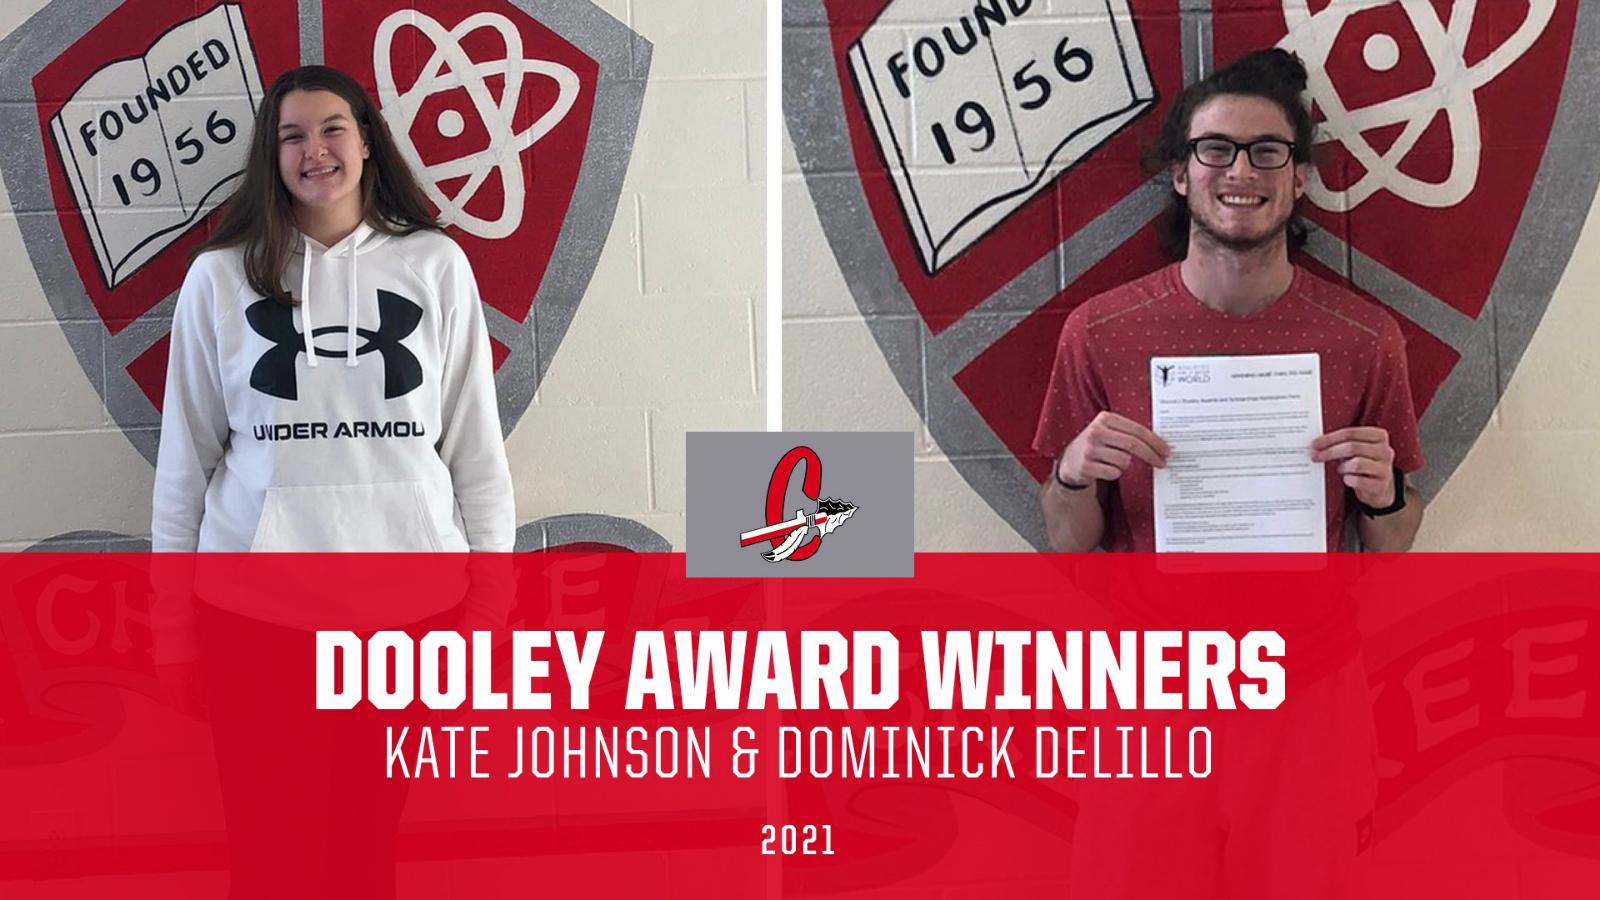 Congrats Kate Johnson & Dominick DeLillo